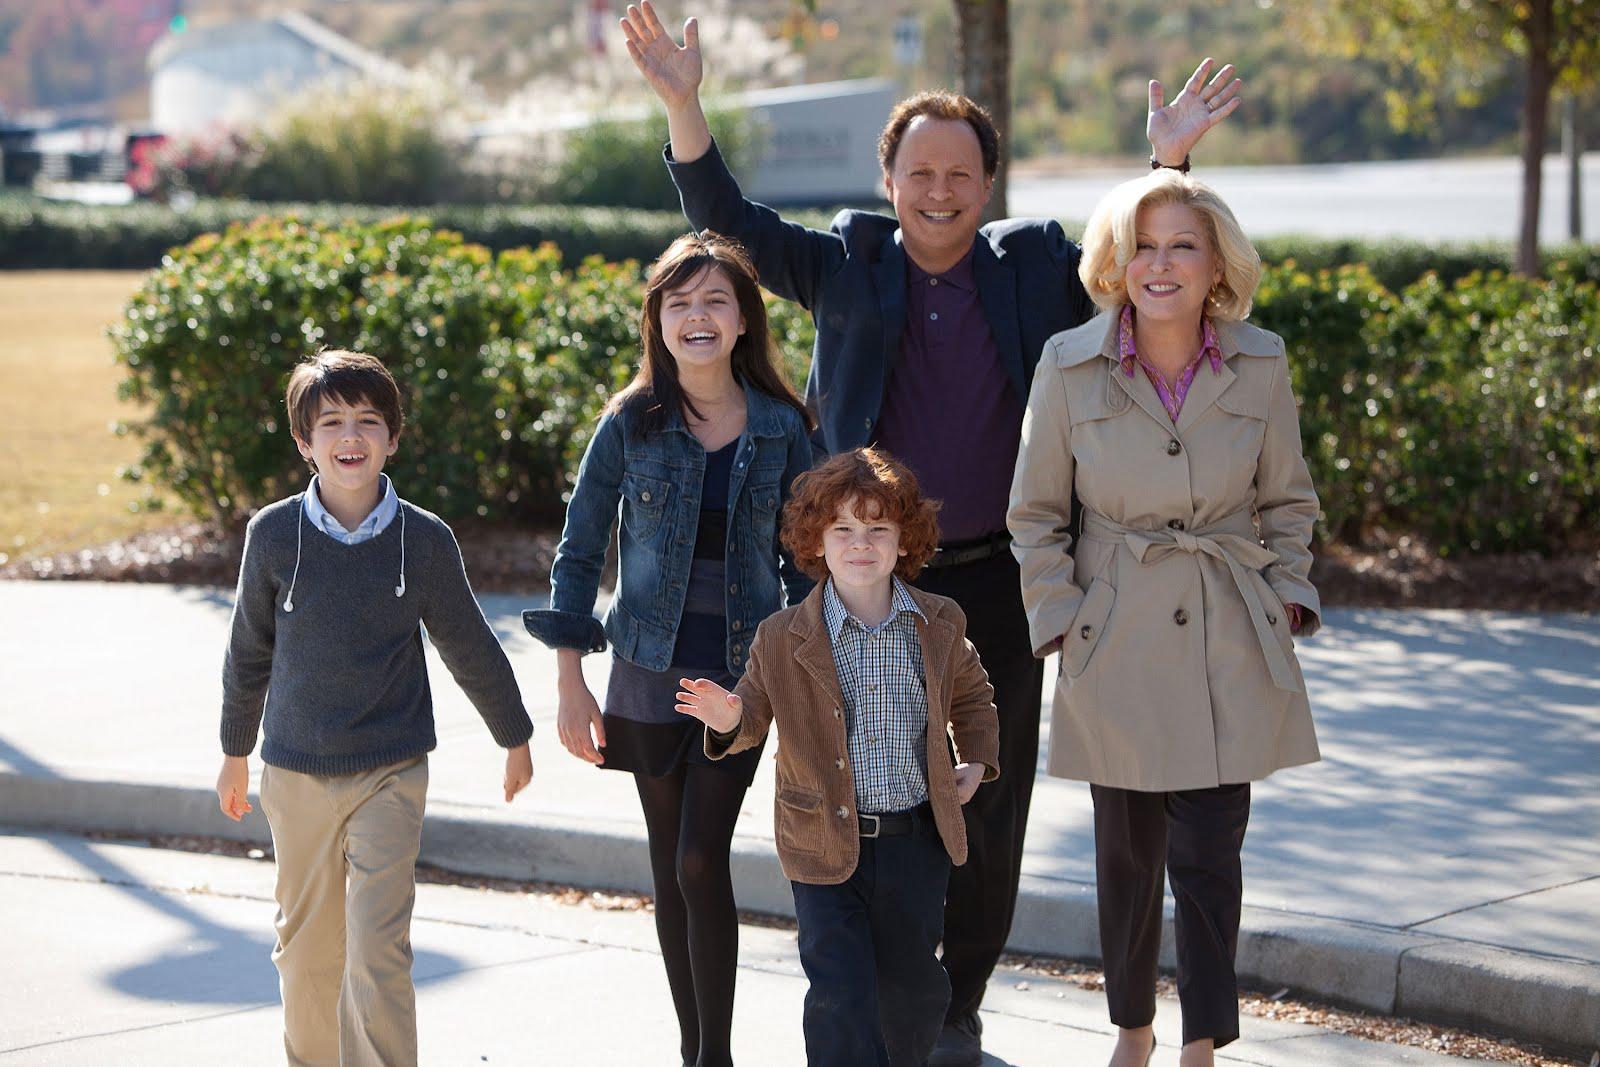 http://2.bp.blogspot.com/-44BhEw-AvH8/UF0SvAeOhdI/AAAAAAAABtQ/_2tKh0BjG1w/s1600/parental%2Bguidance.jpg